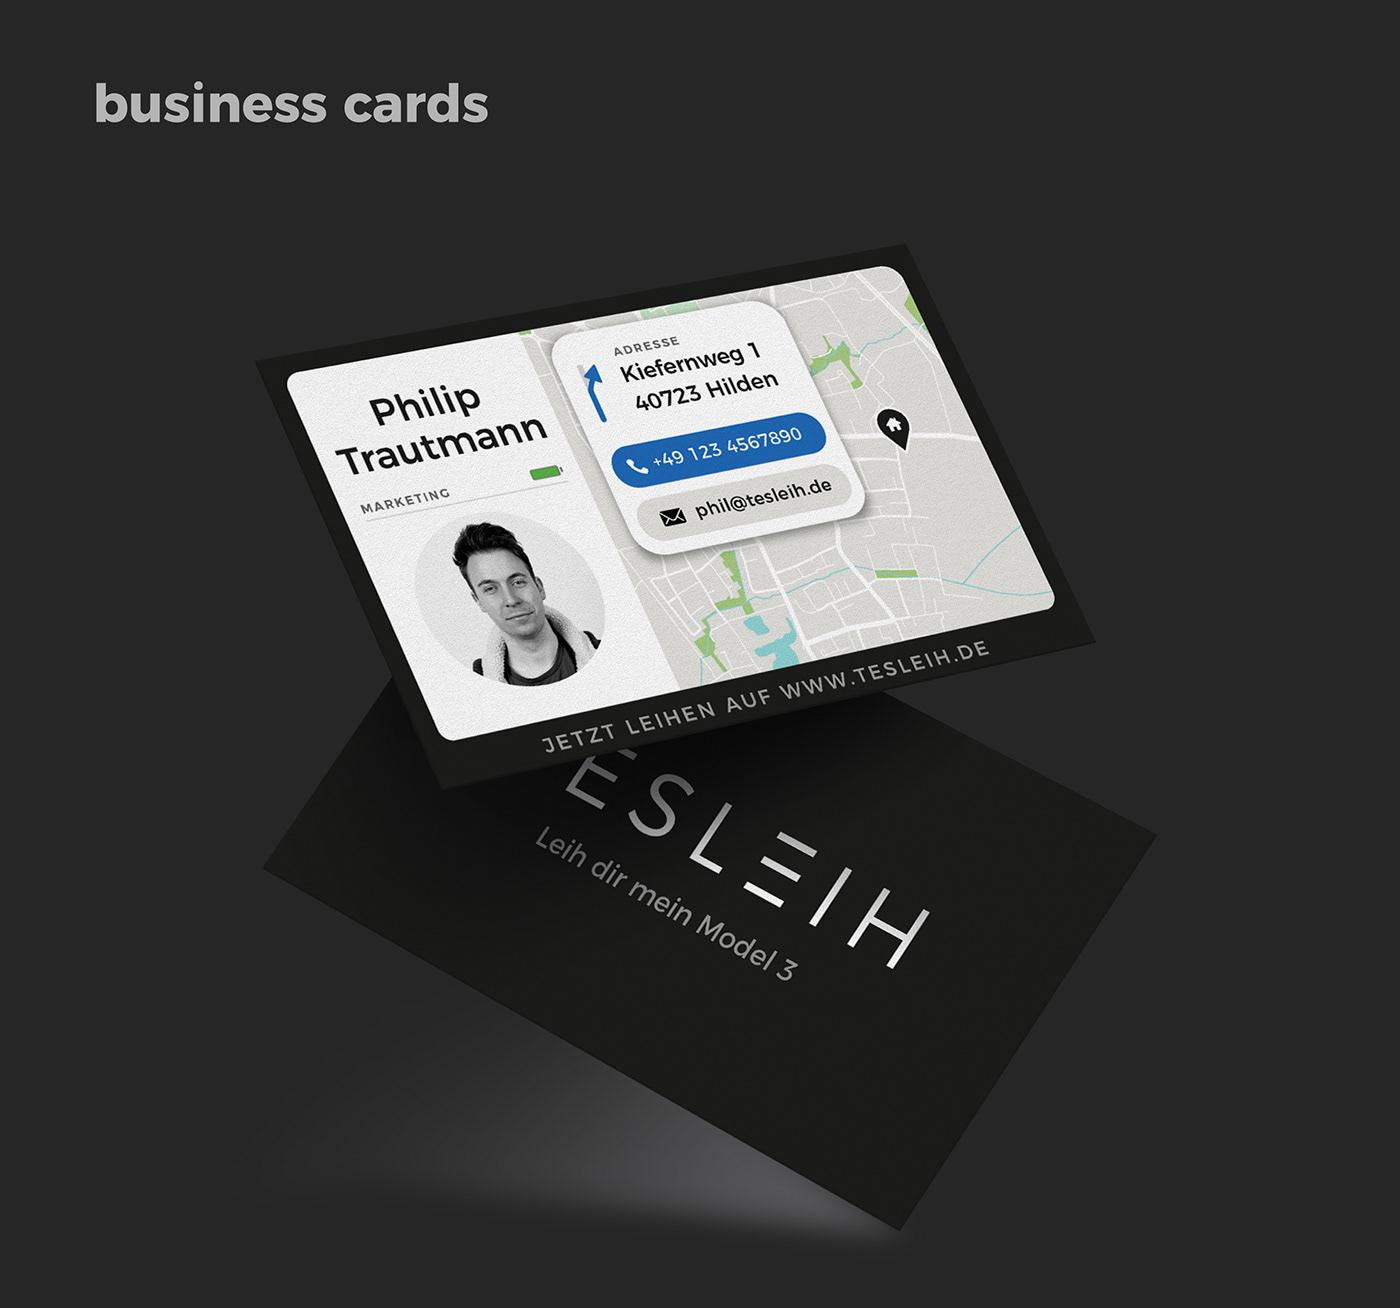 business car card corporate design electric Model 3 Rent service tesla